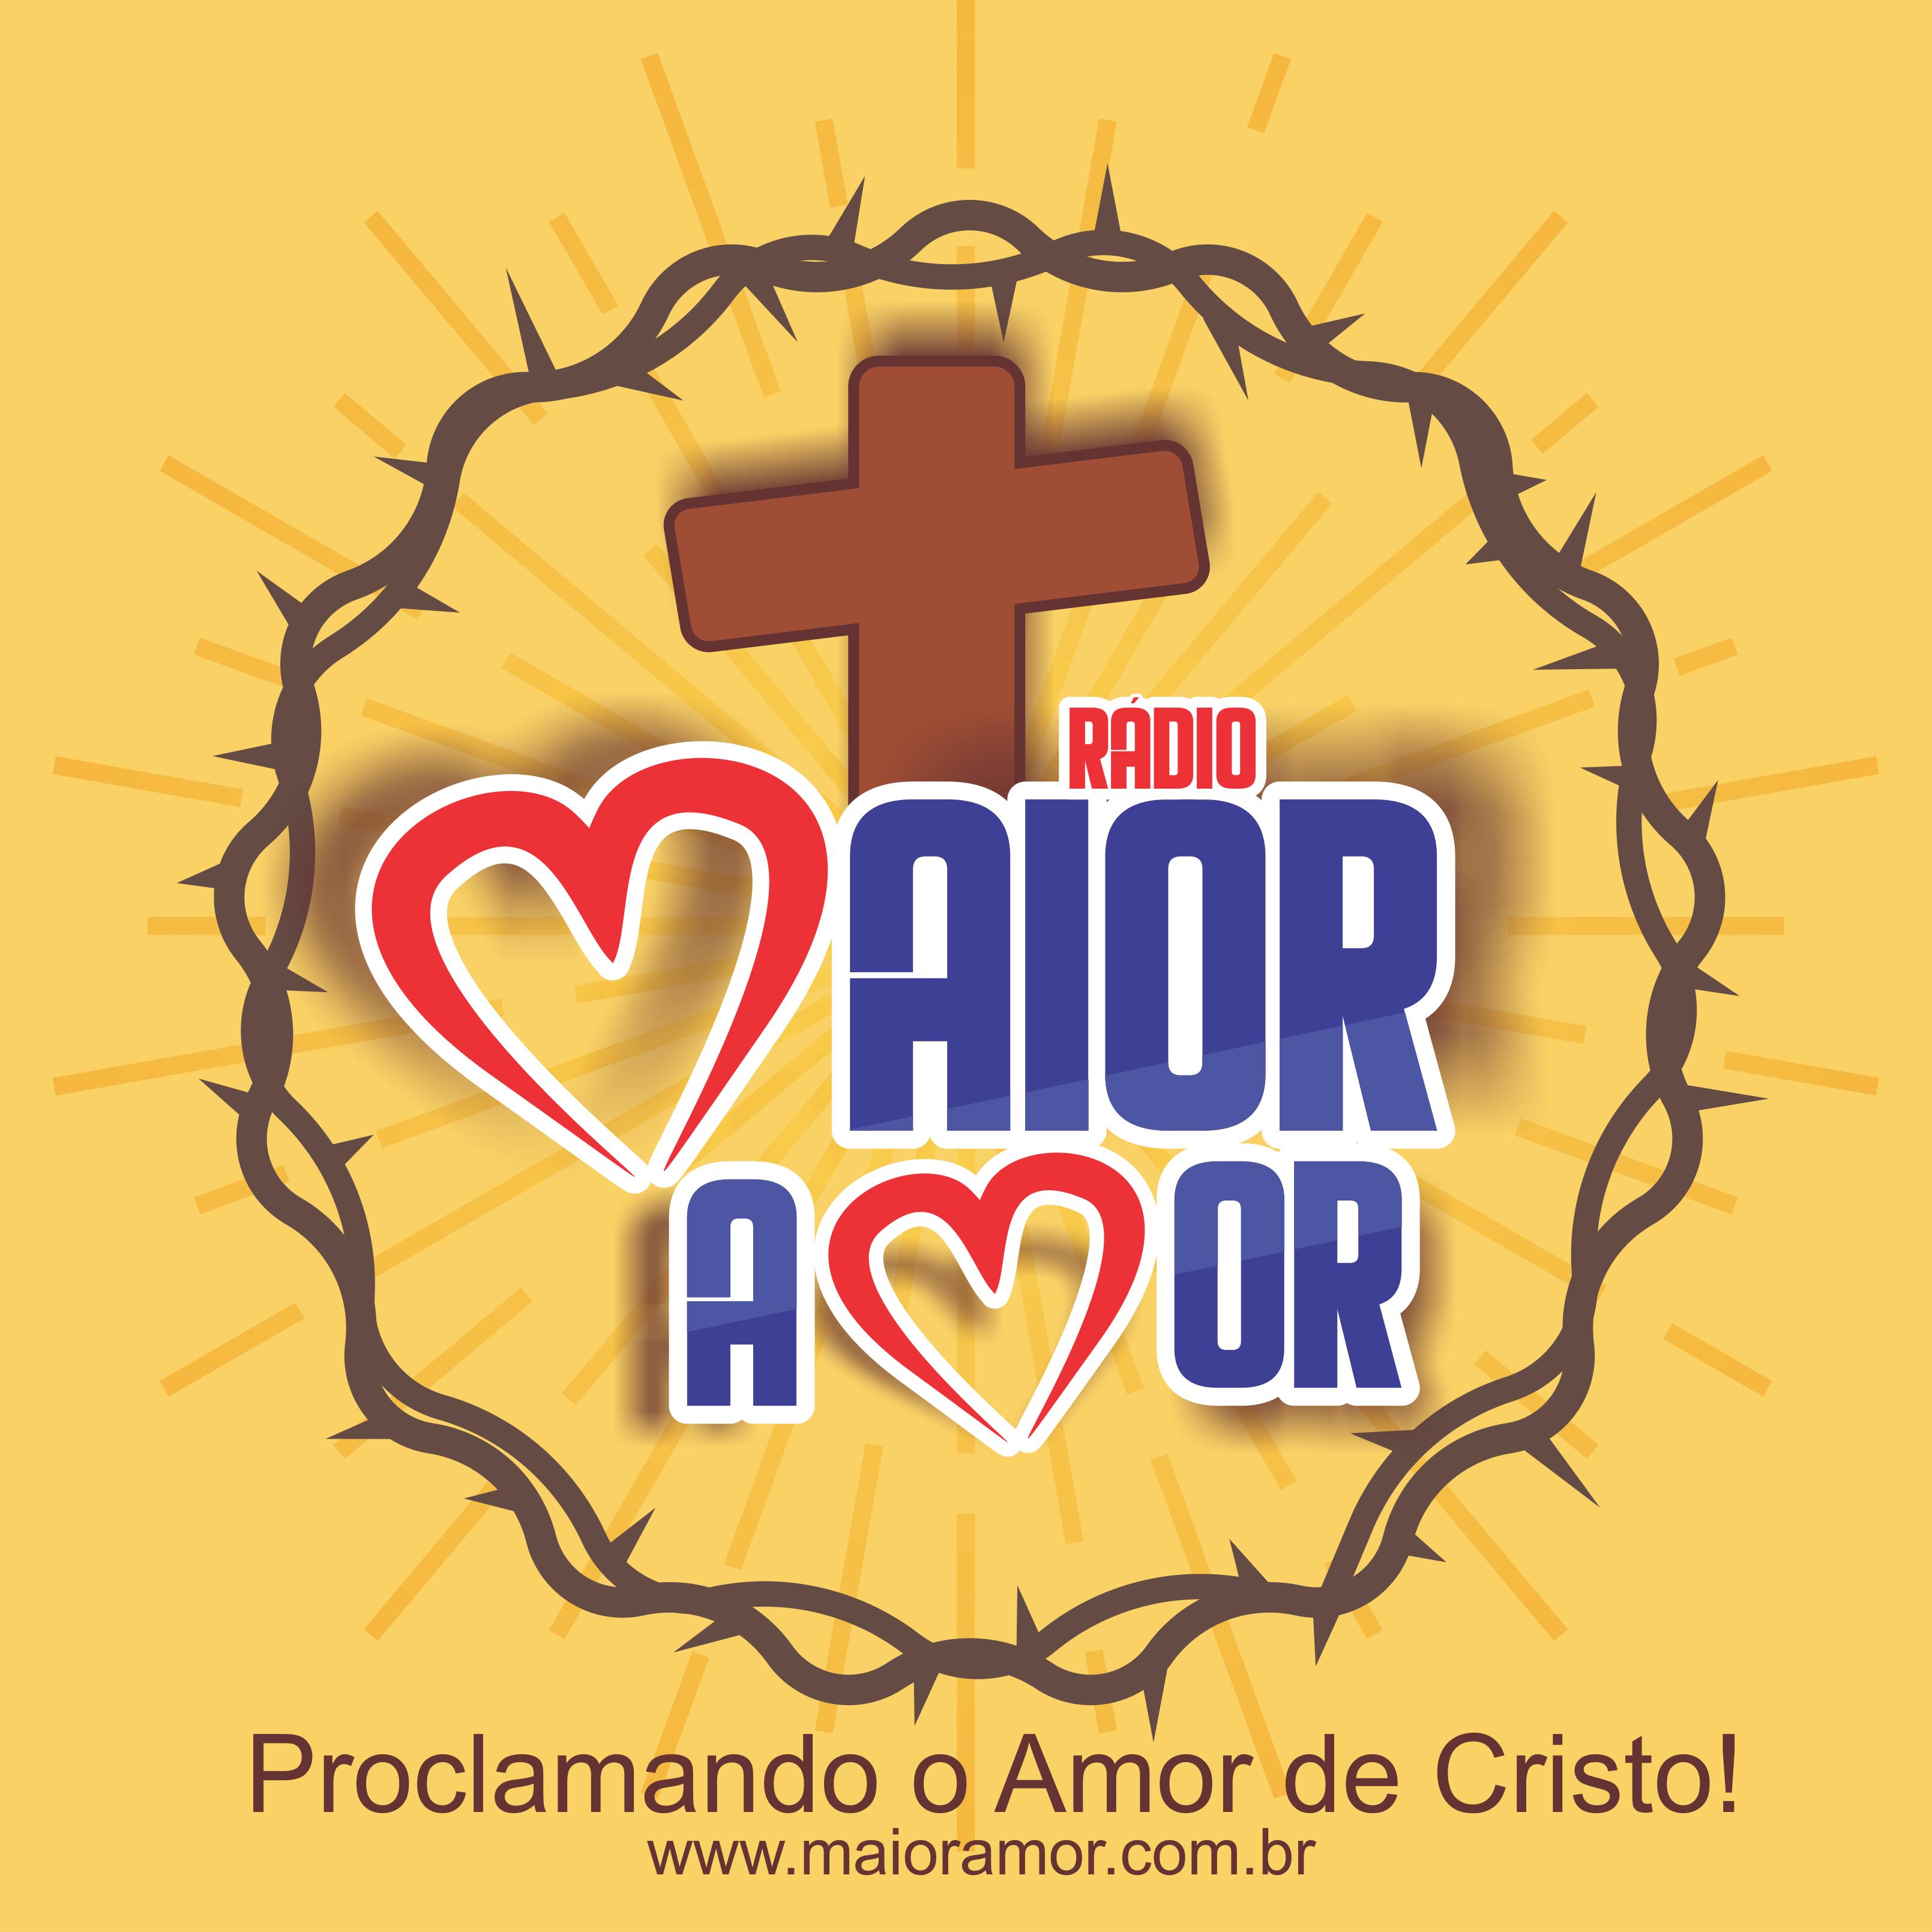 Rádio Maior Amor